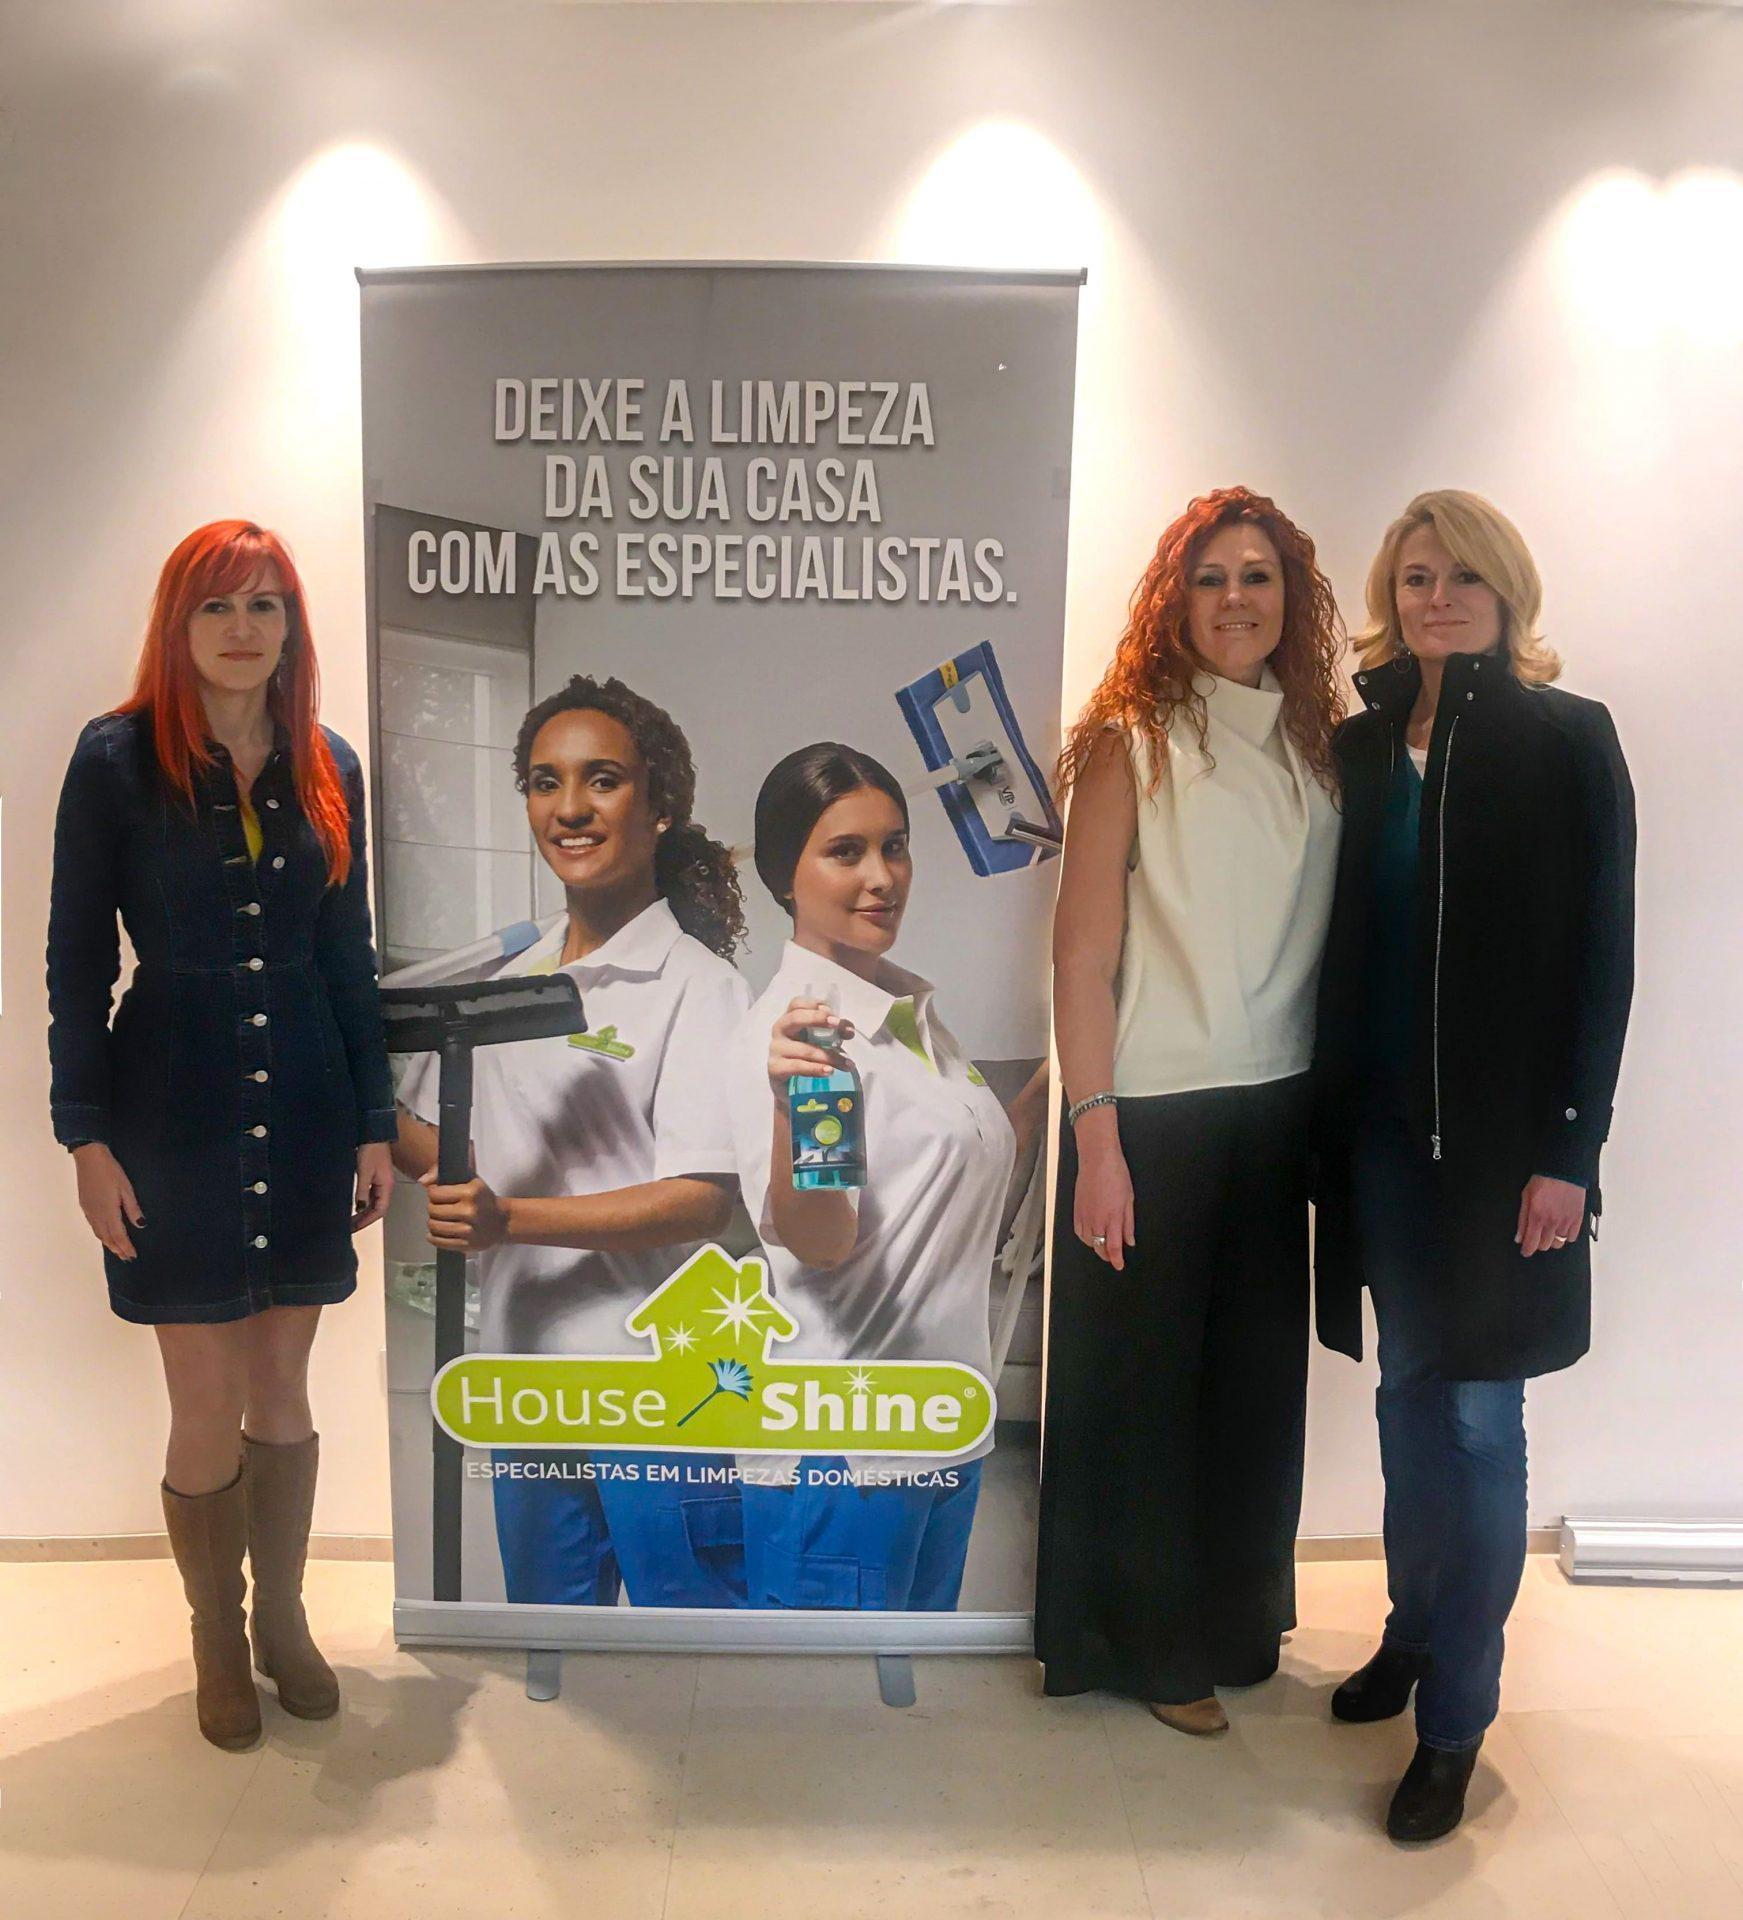 Nova unidade House Shine já abriu na cidade do Porto